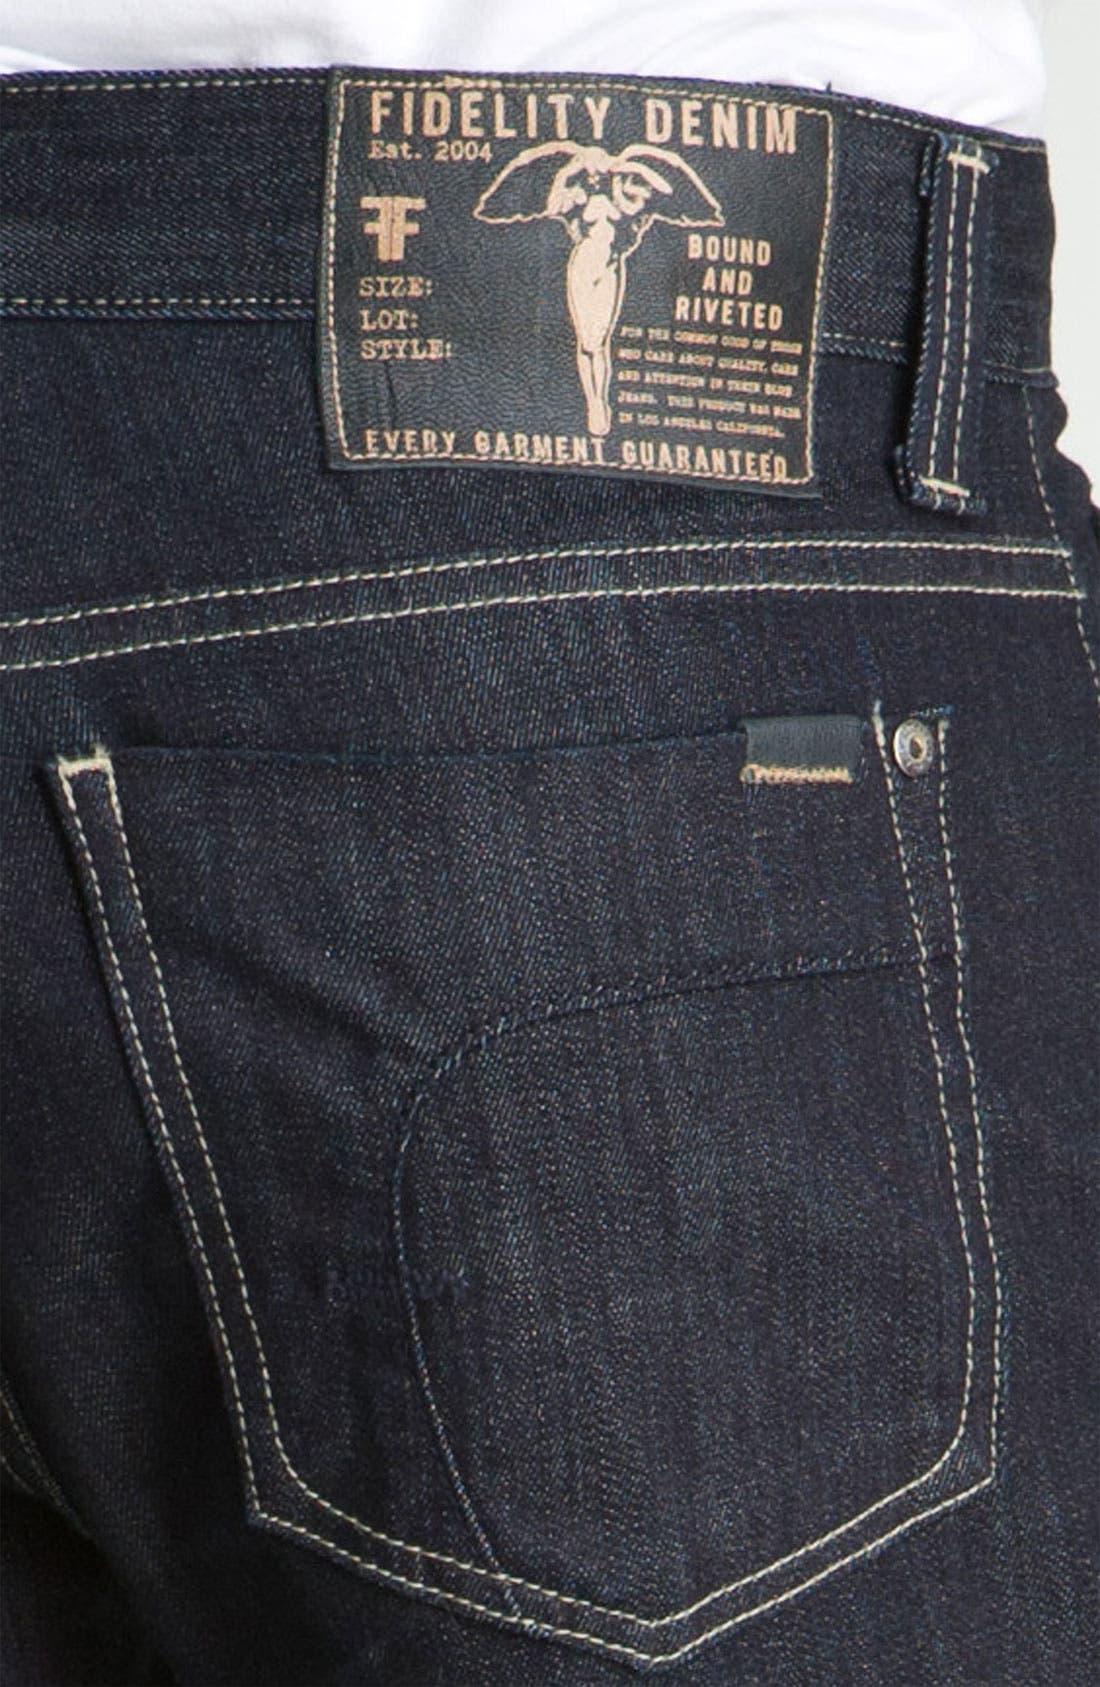 Alternate Image 4  - Fidelity Denim 'Camino' Relaxed Leg Jeans (Pacific Dark)